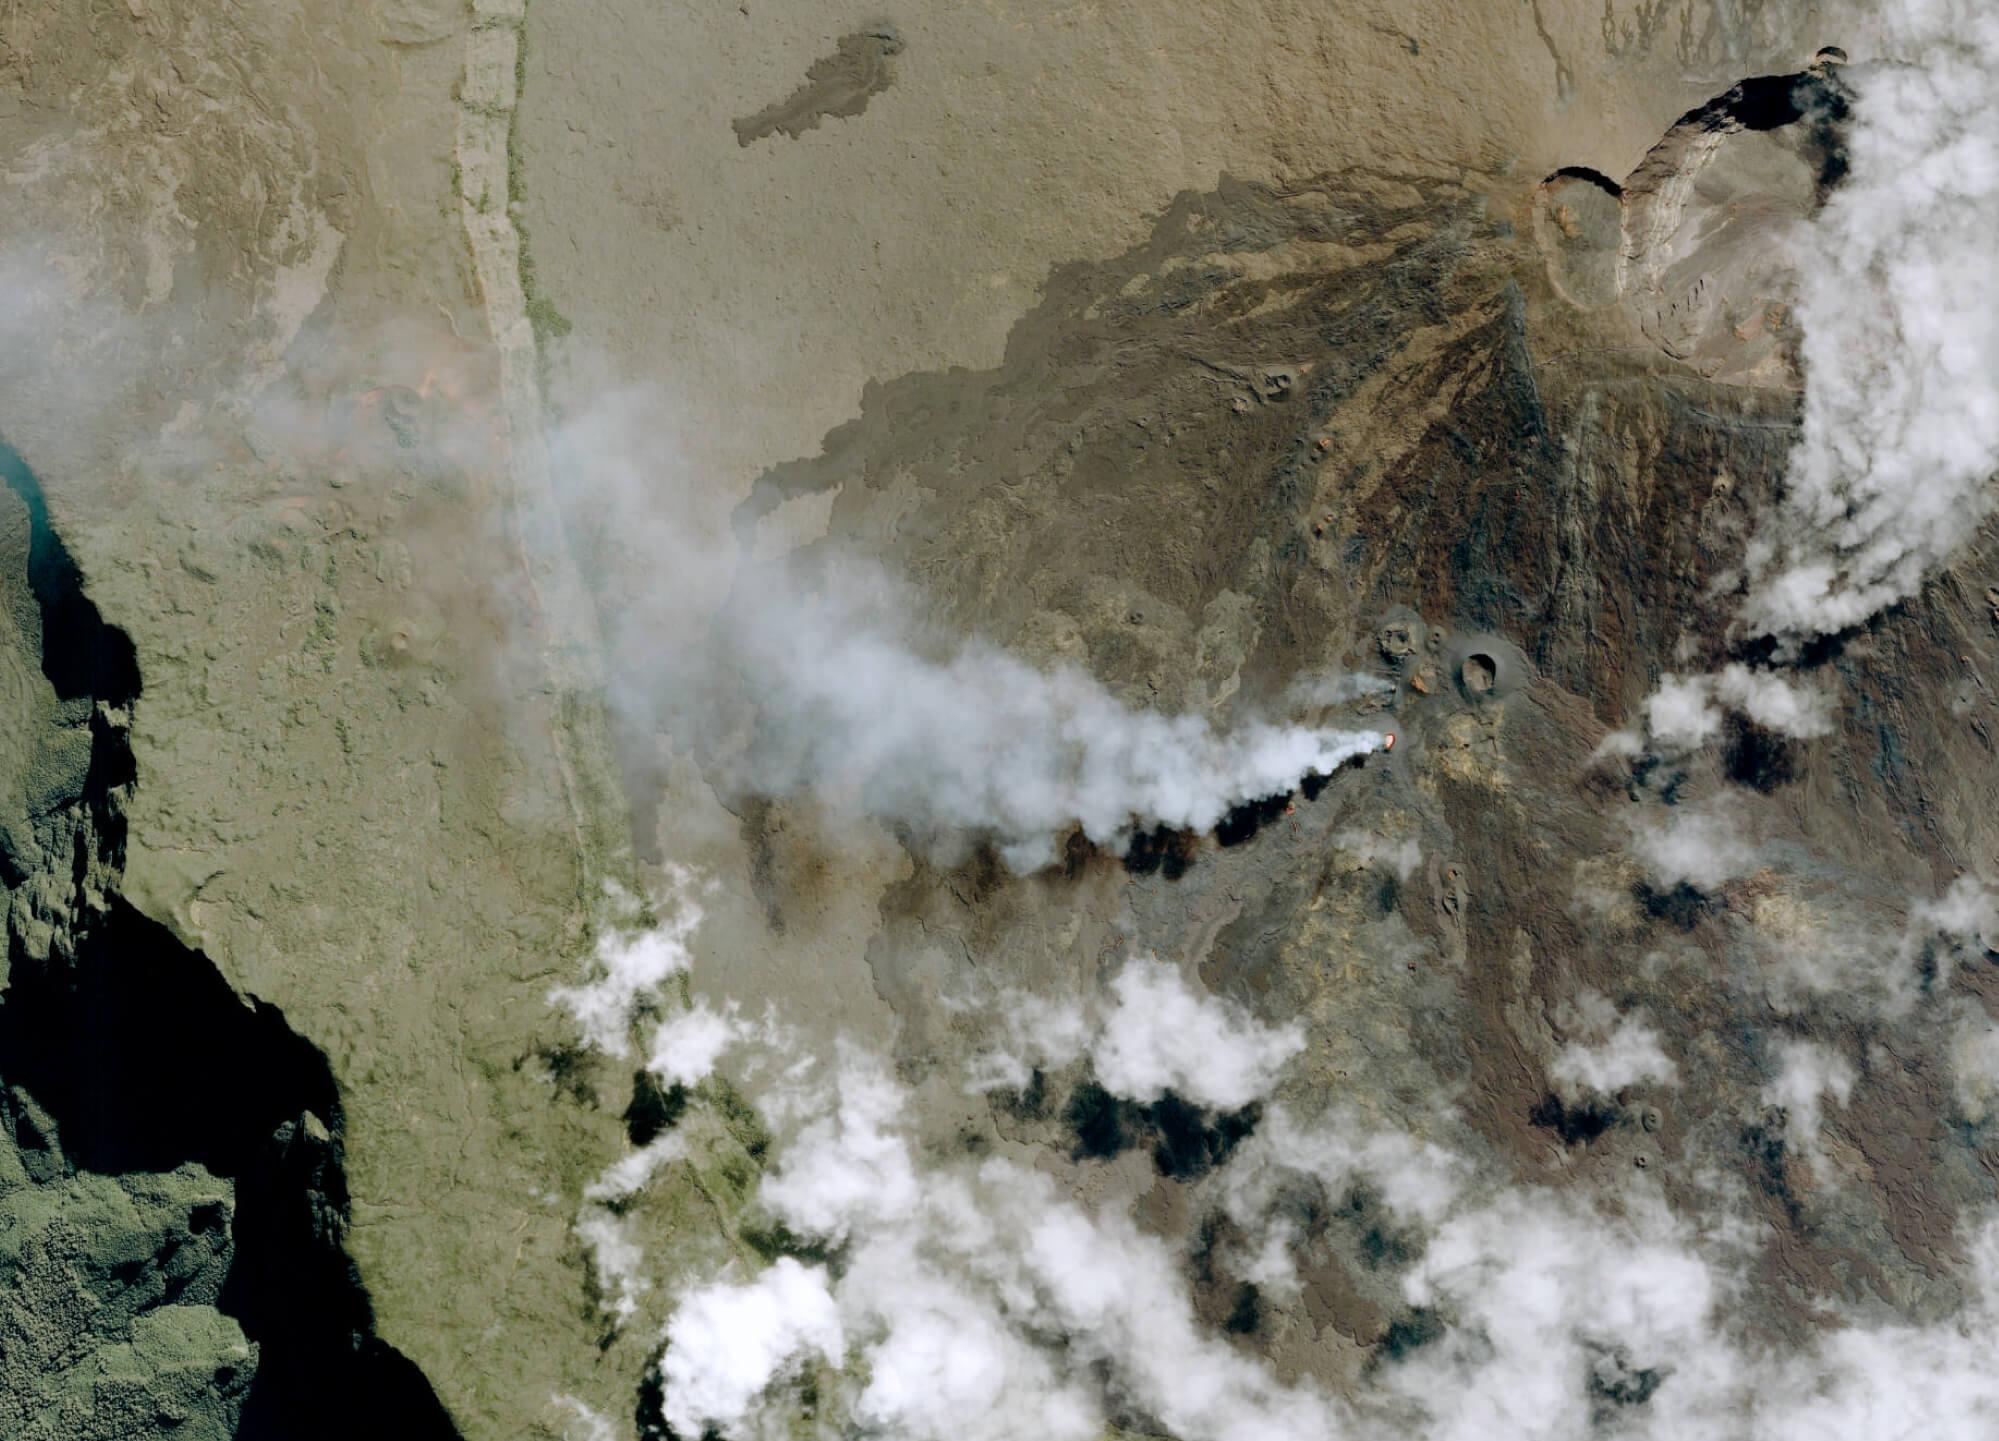 Pléiades – Piton de la Fournaise Volcano, France PLEIADES